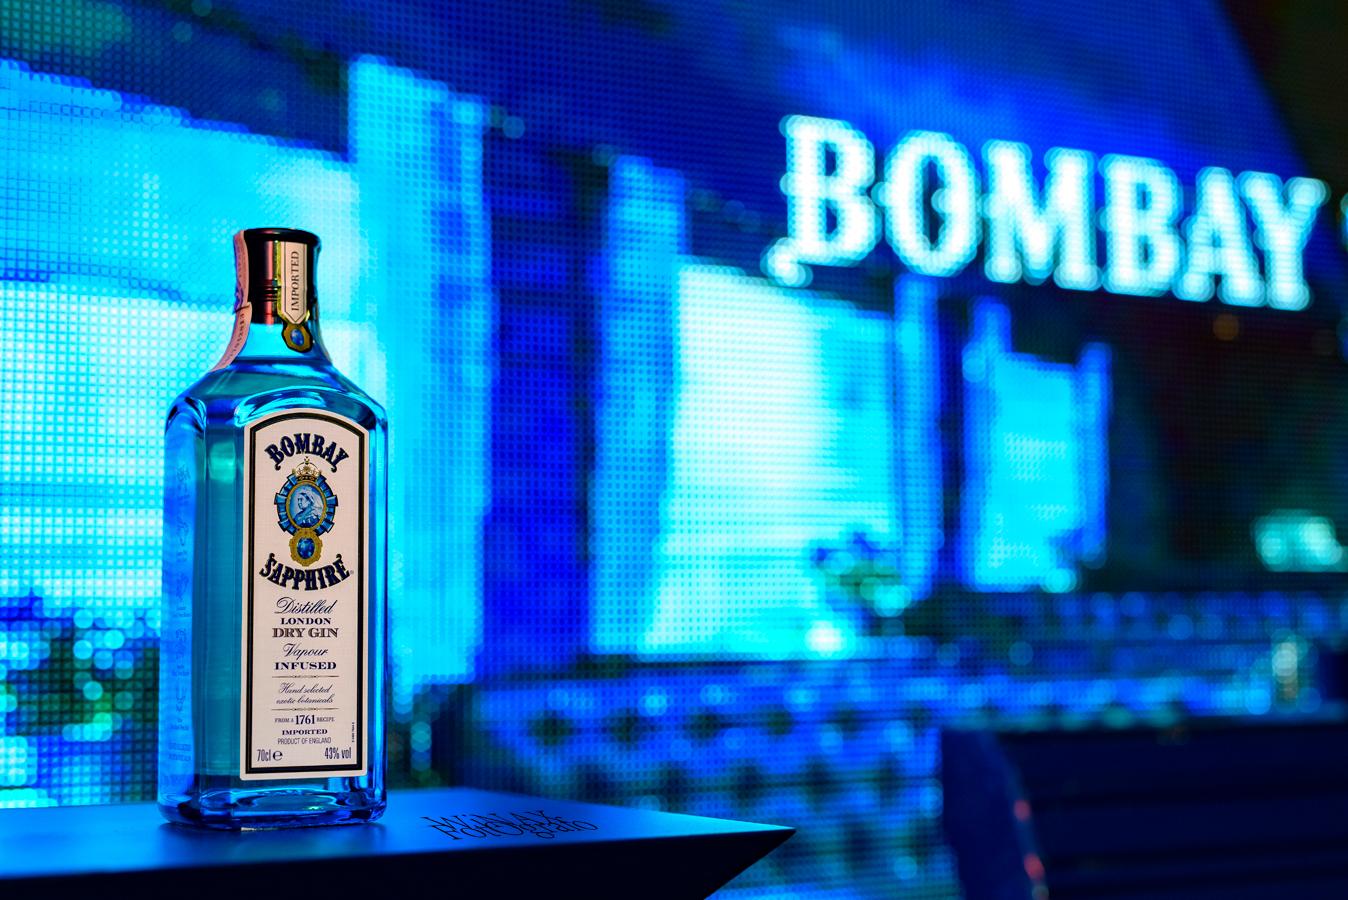 Bombay Sphire